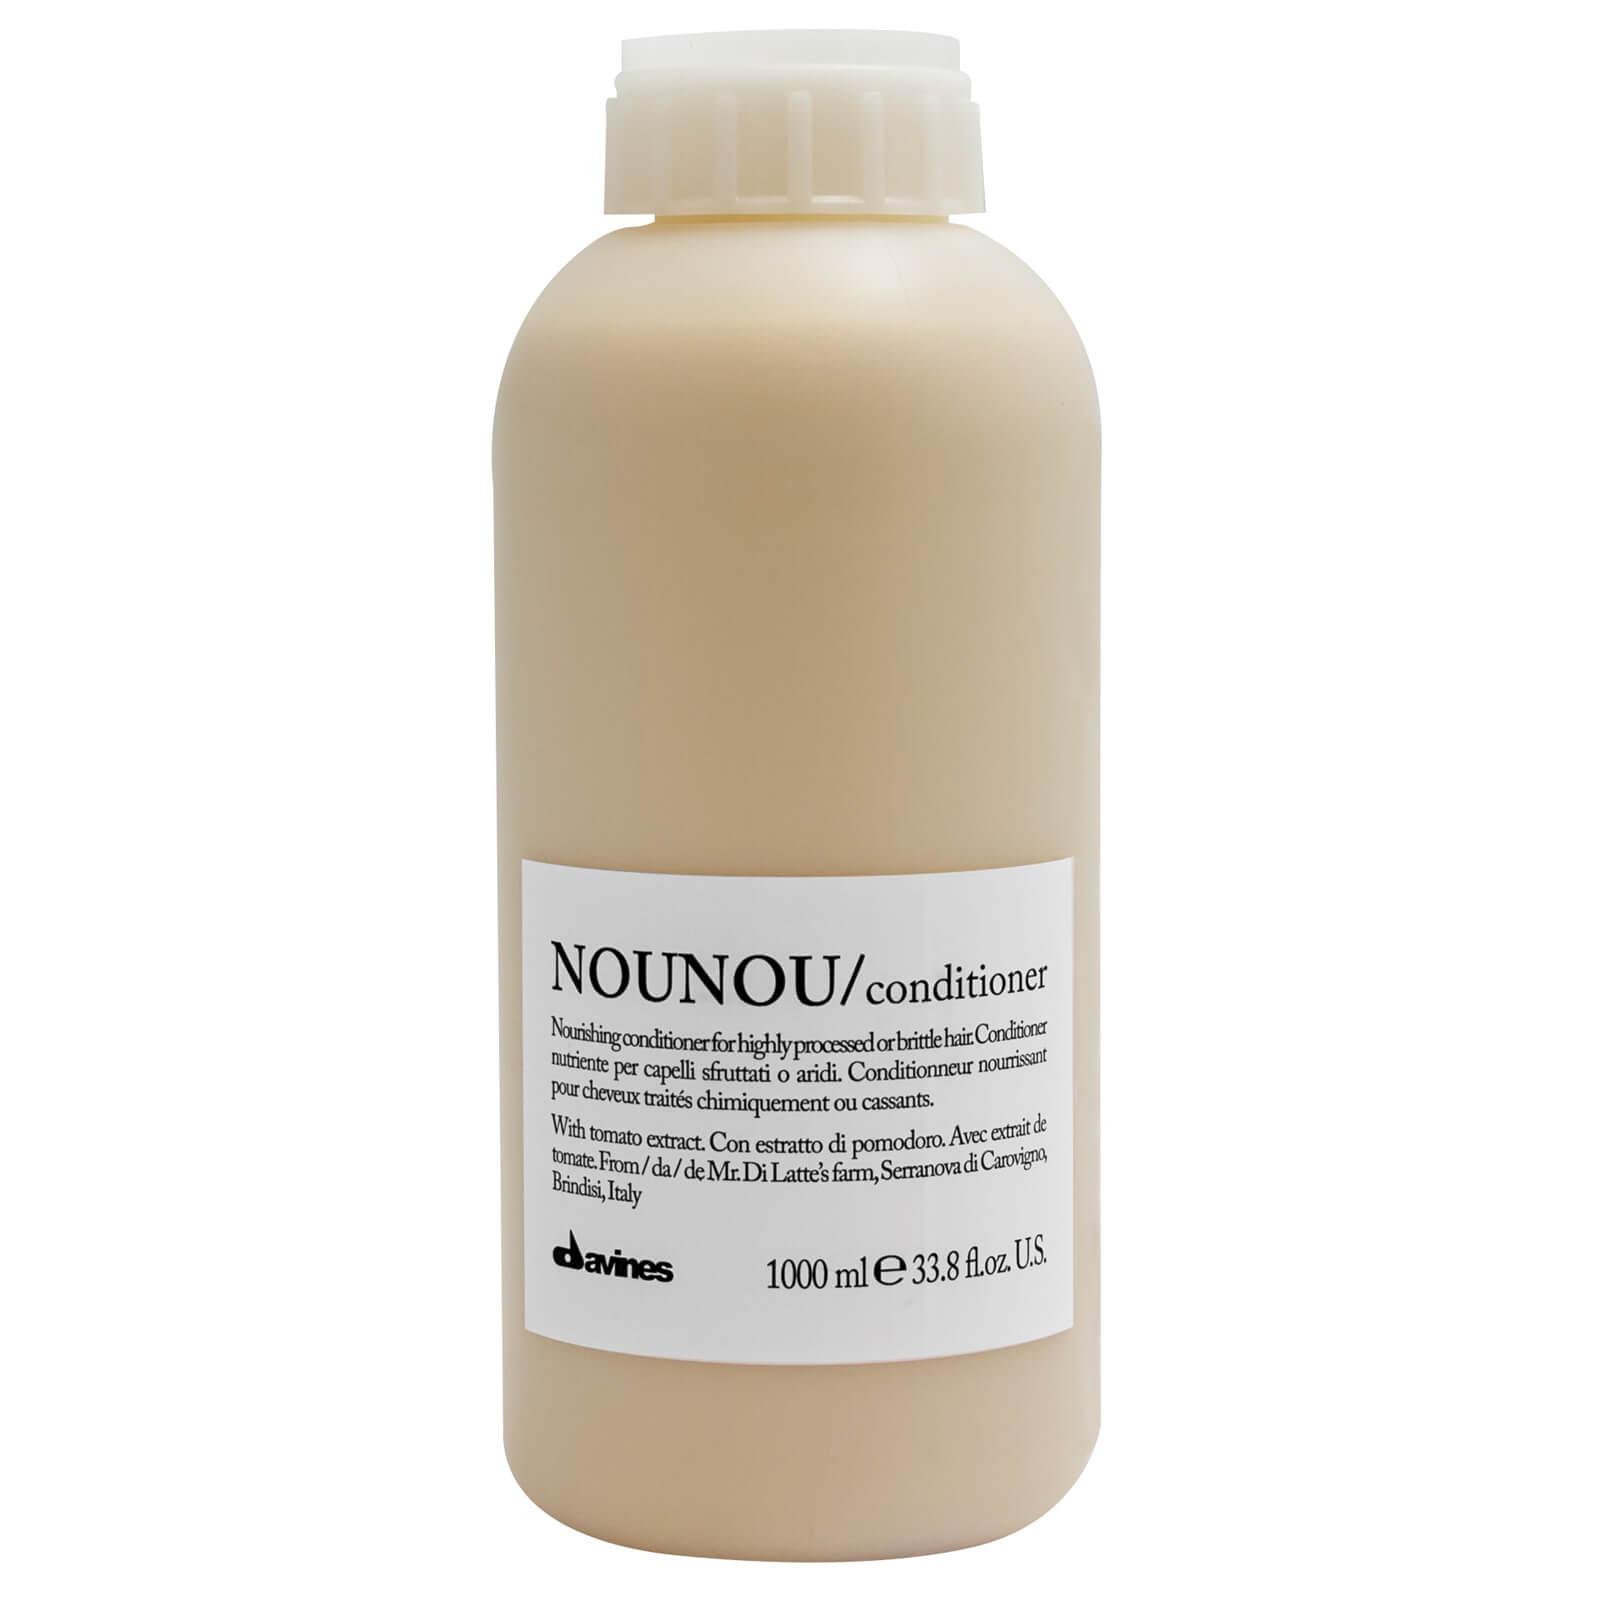 Dầu xả Davines Nounou Conditioner siêu mượt cho tóc khô hư tổn do hóa chất uốn duỗi nhuộm 1000ml - 23846144 , 9283885275447 , 62_24321612 , 1223000 , Dau-xa-Davines-Nounou-Conditioner-sieu-muot-cho-toc-kho-hu-ton-do-hoa-chat-uon-duoi-nhuom-1000ml-62_24321612 , tiki.vn , Dầu xả Davines Nounou Conditioner siêu mượt cho tóc khô hư tổn do hóa chất uốn